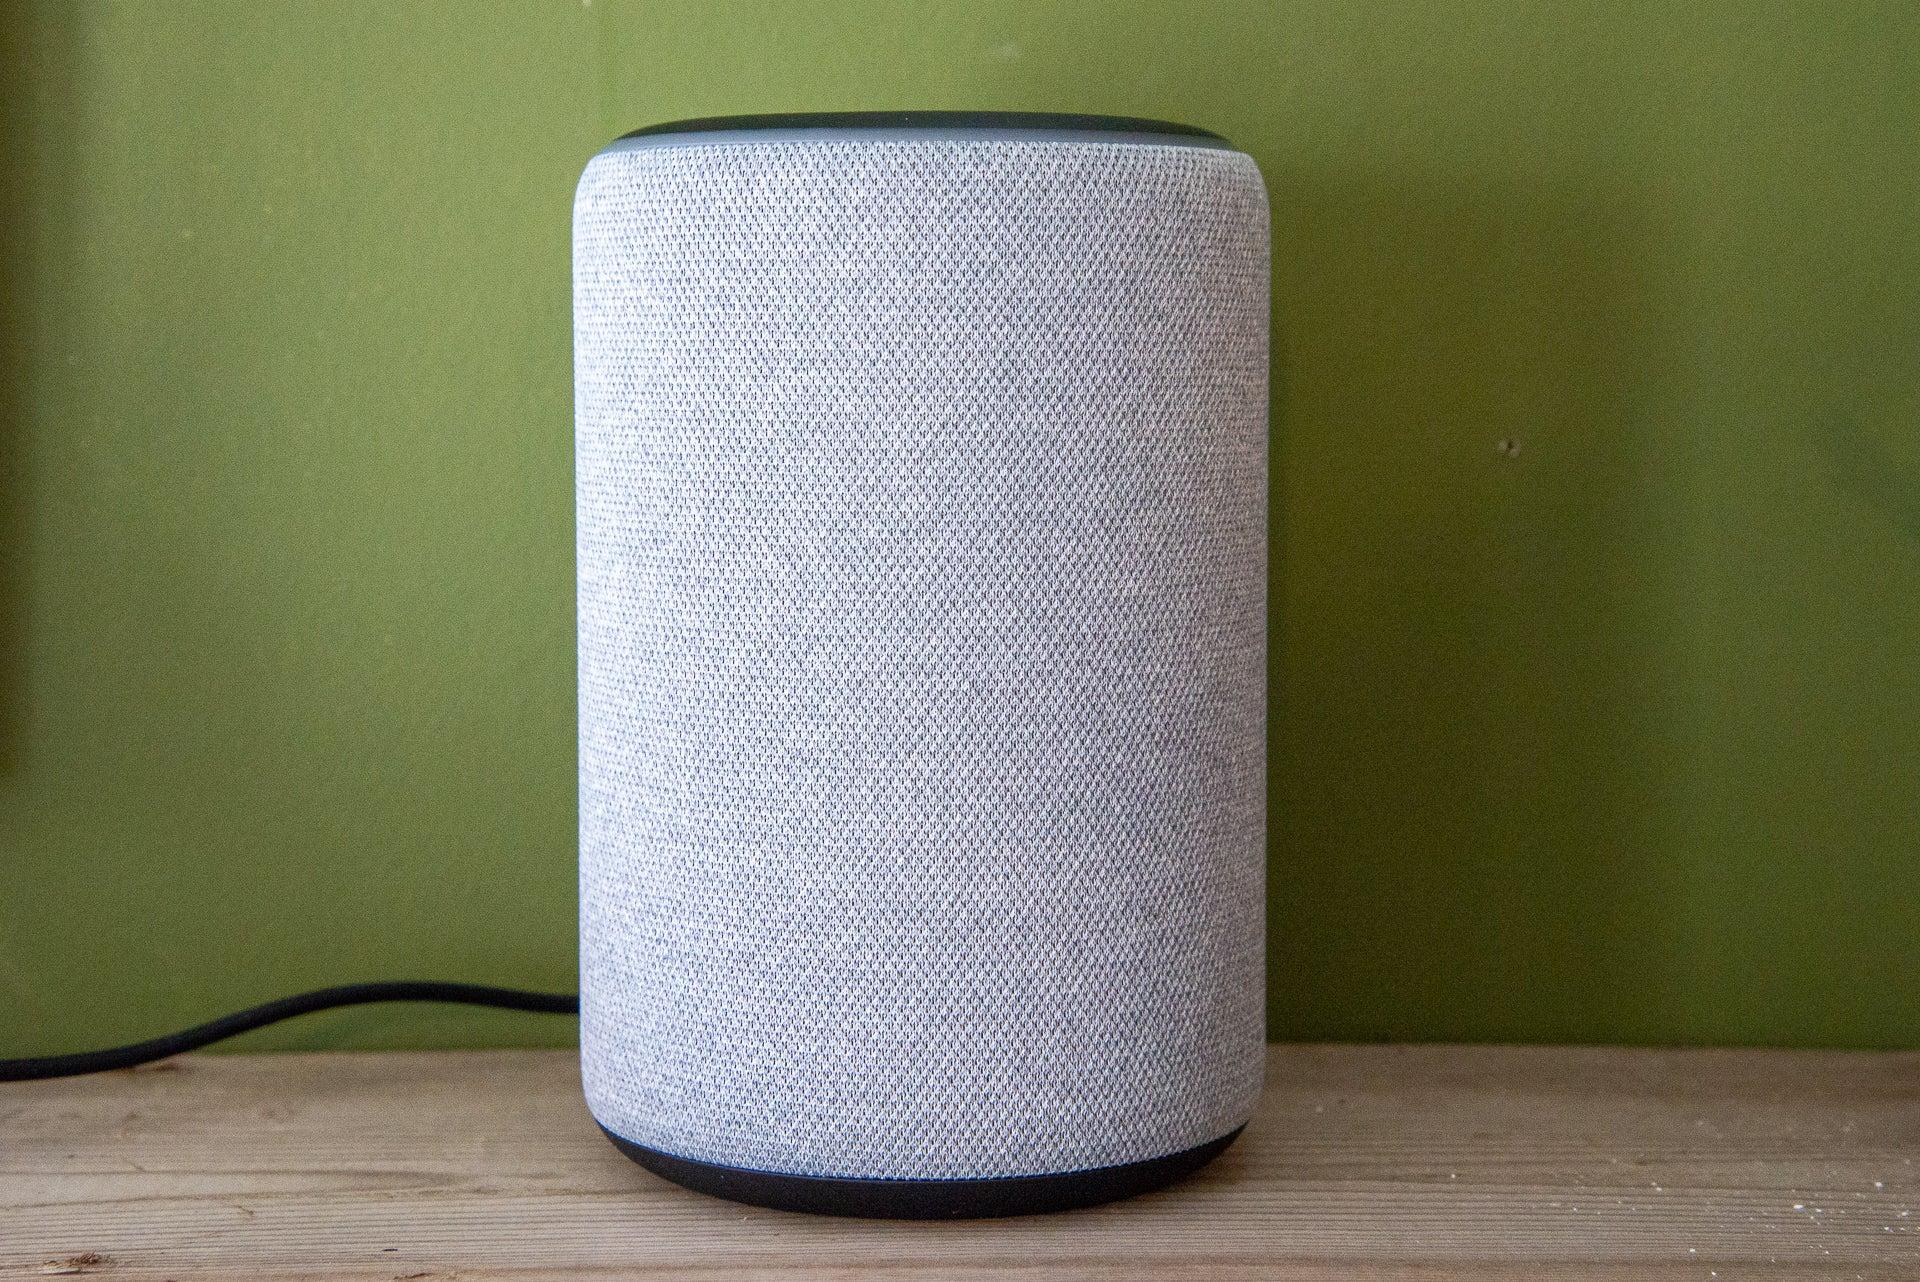 Amazon Echo 3-го поколения крупным планом